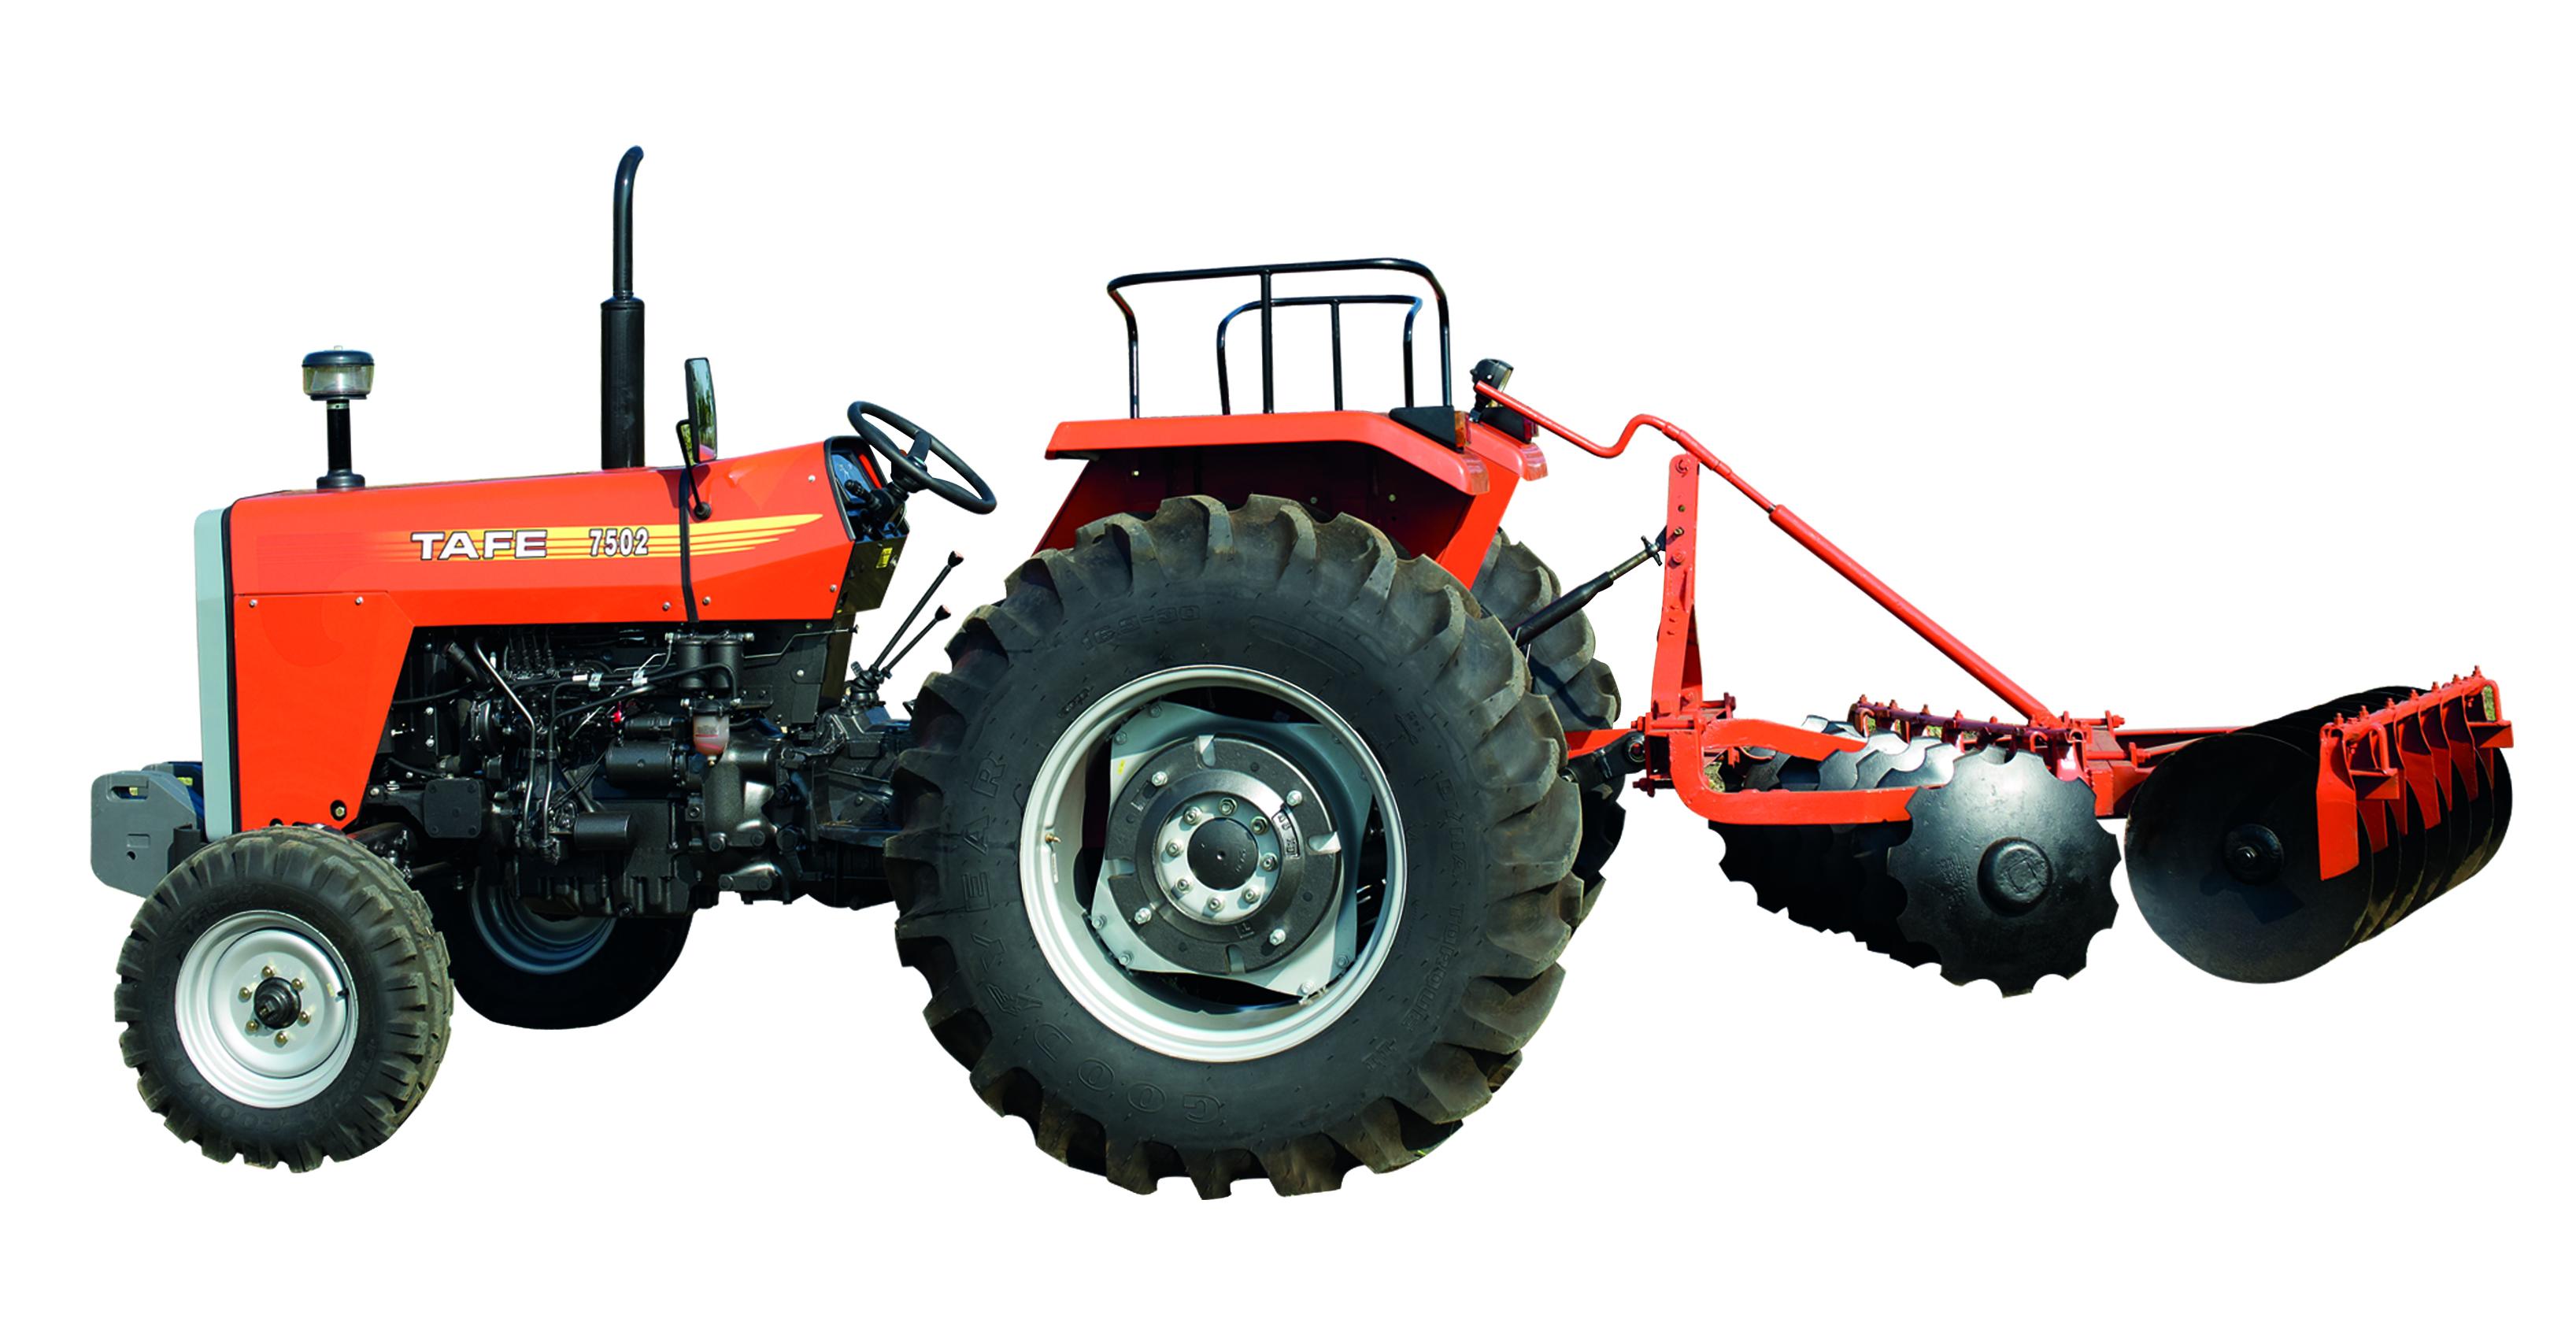 Tracteur TAFE 7502